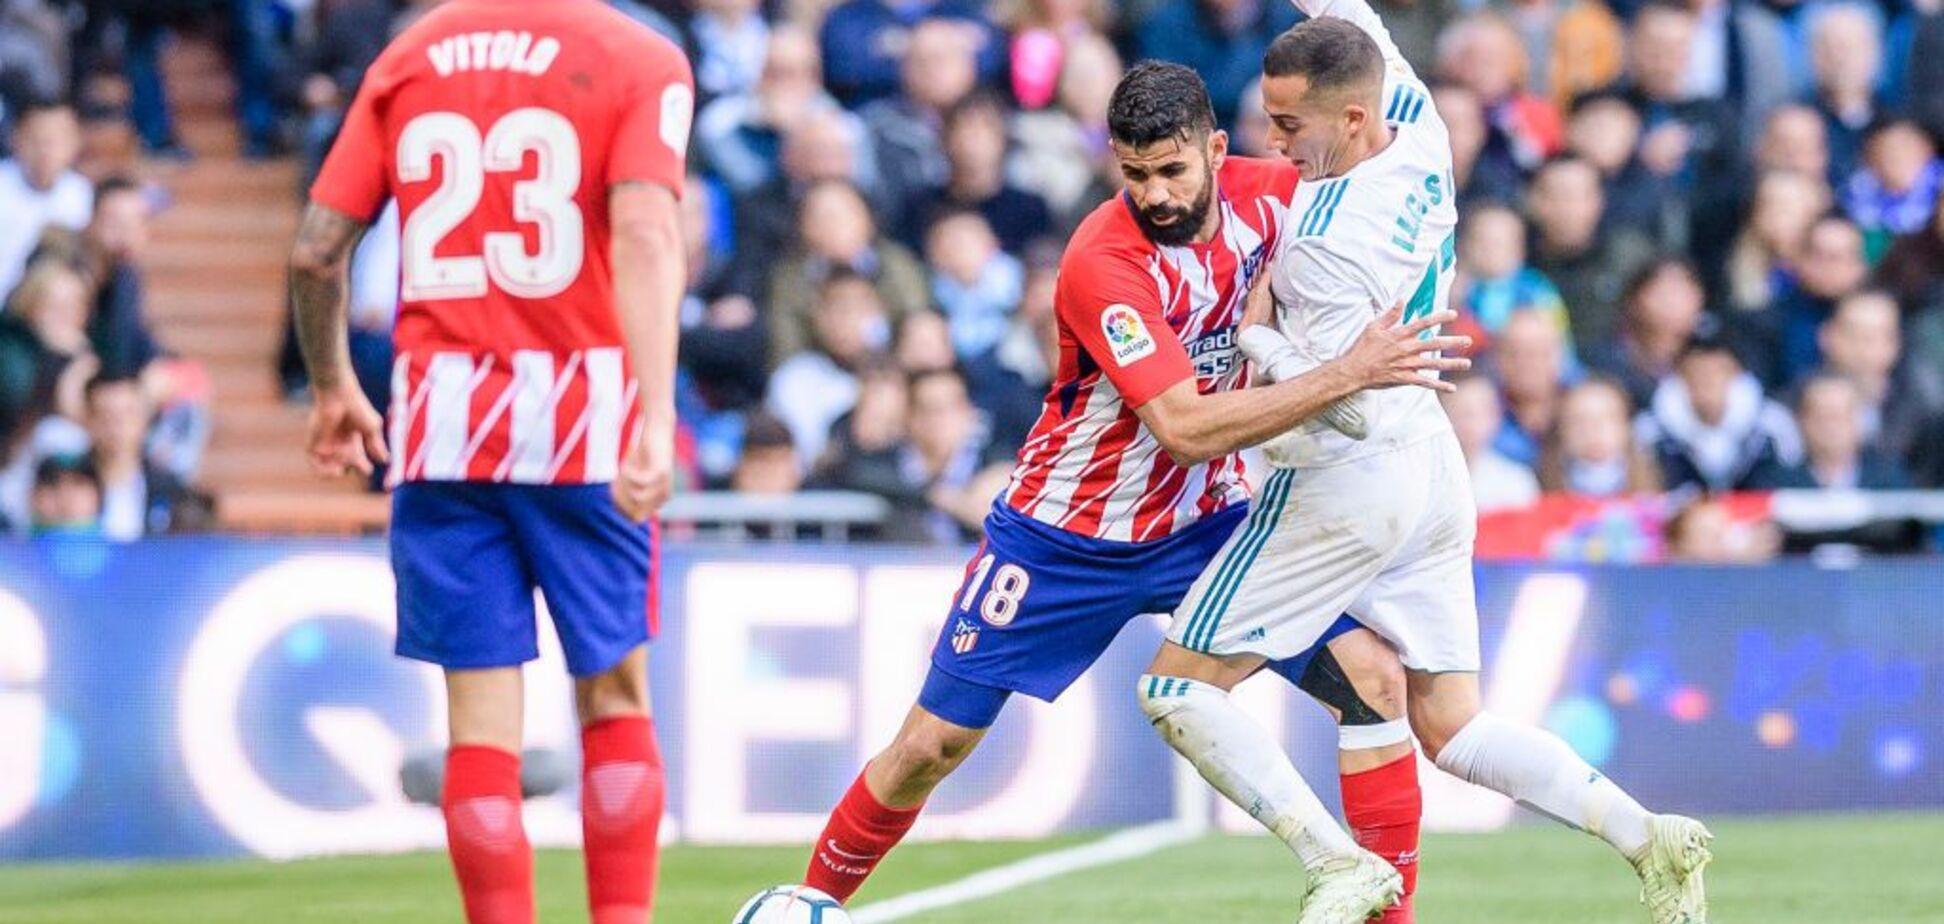 Два голи в овертаймі! Реал - Атлетико: онлайн-трансляція Суперкубка УЄФА